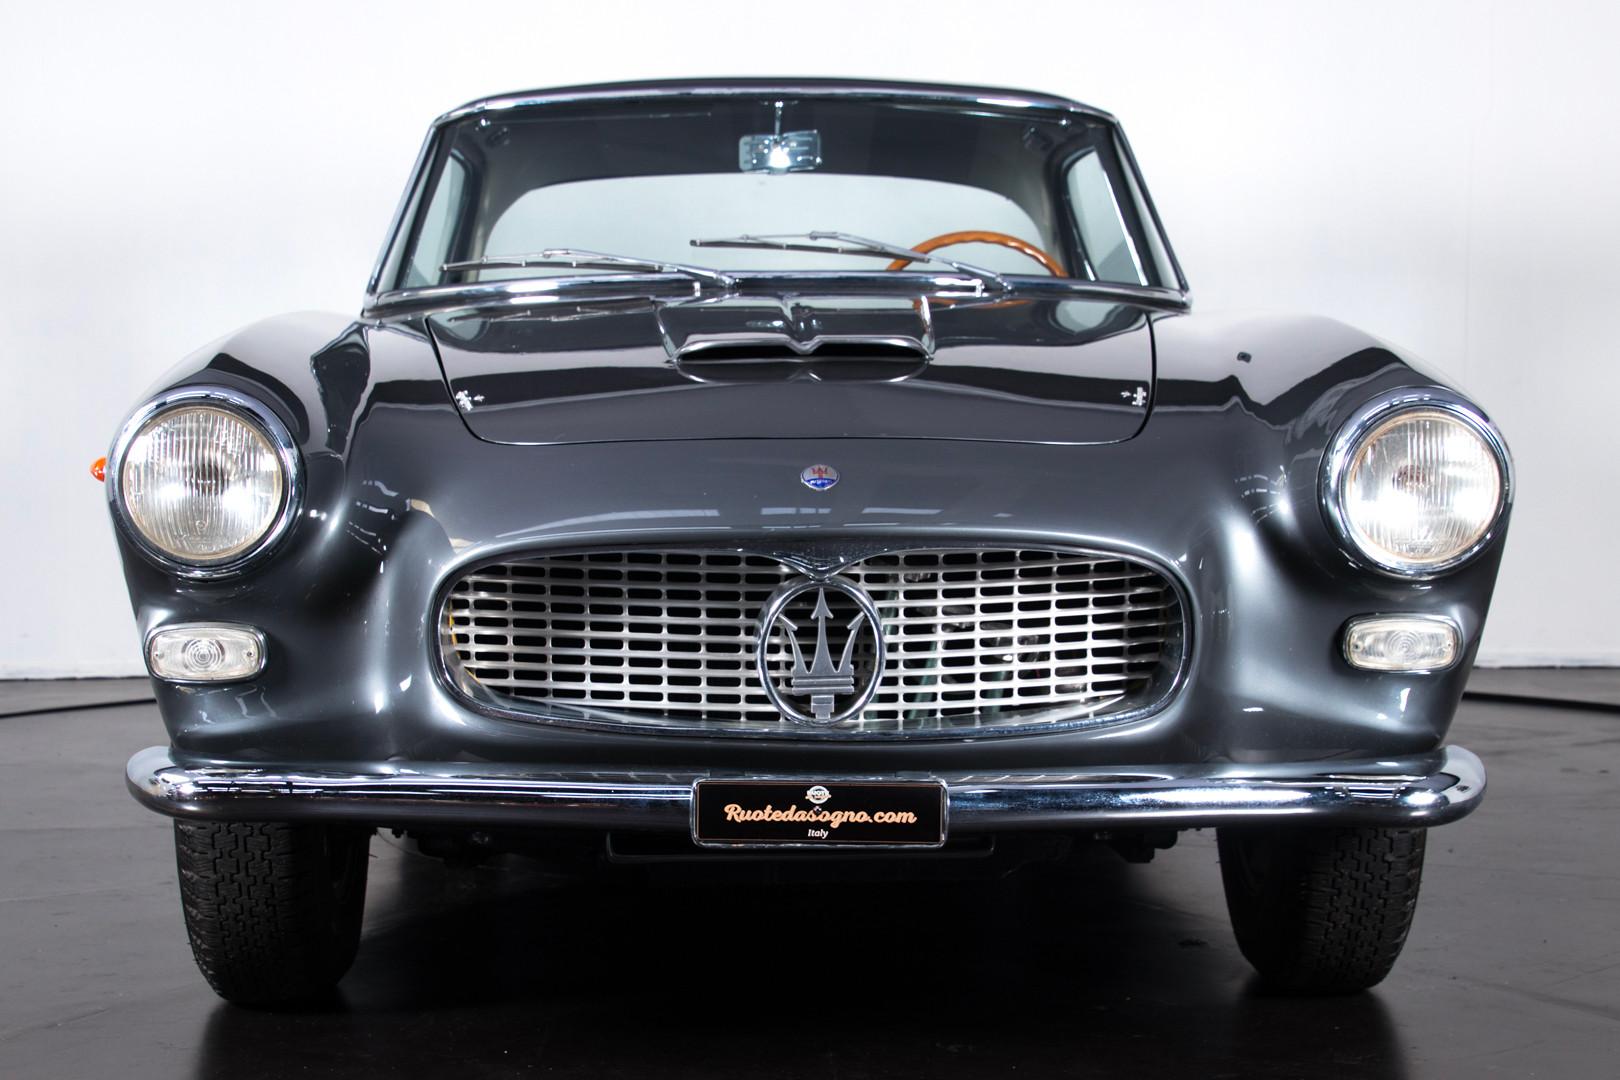 1962 Maserati 3500 GT I - Best sales - Ruote da Sogno